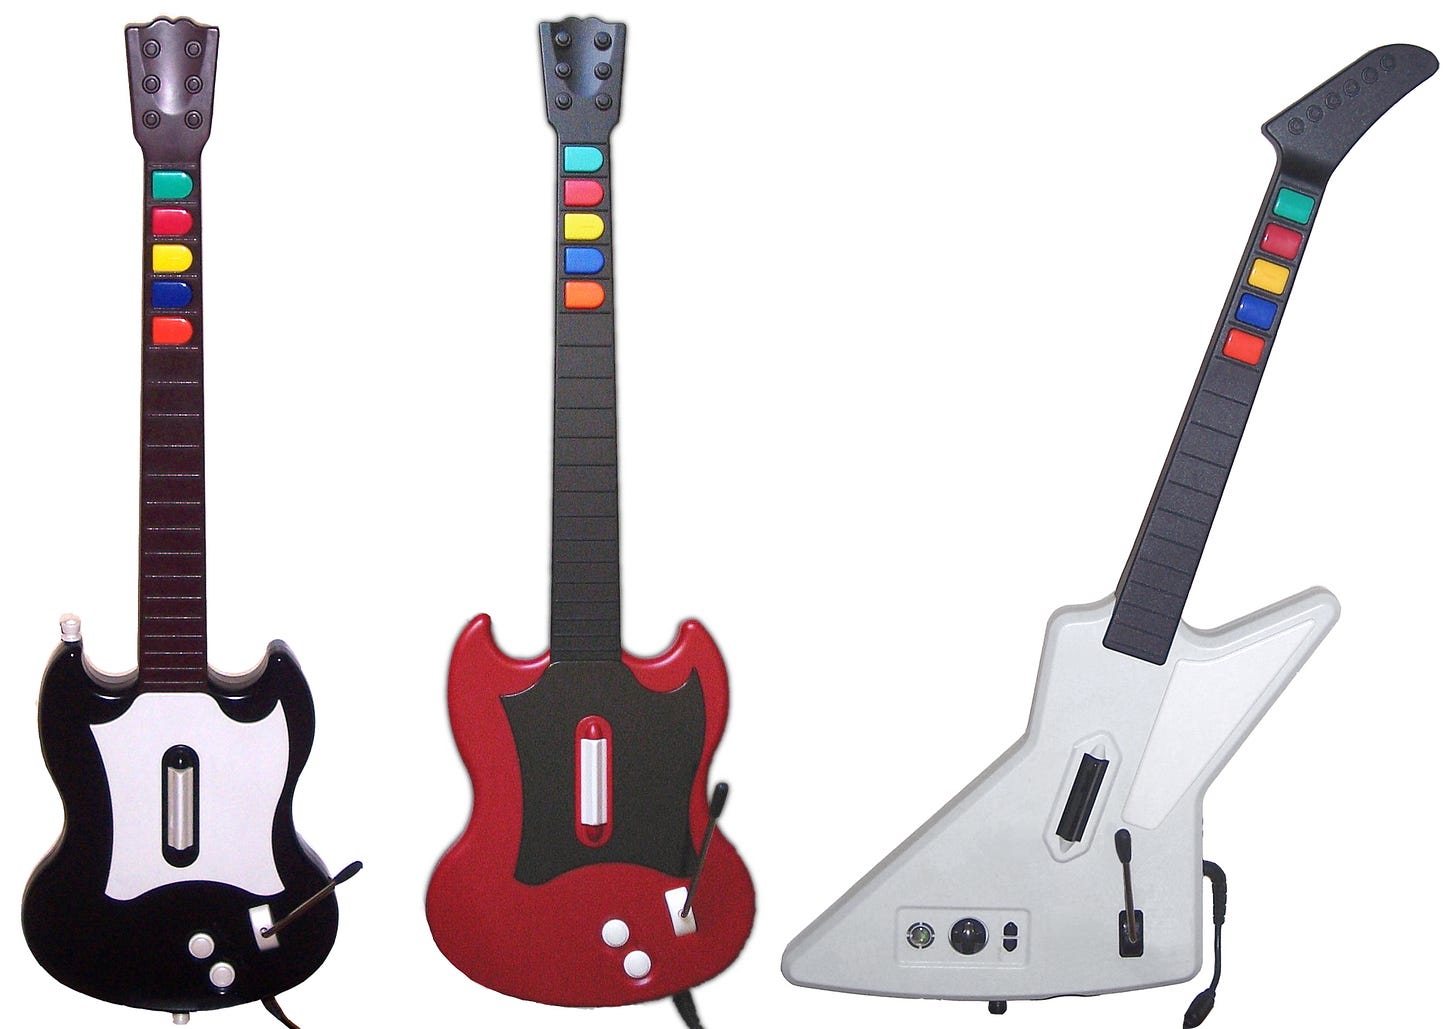 Guitar Hero controllers